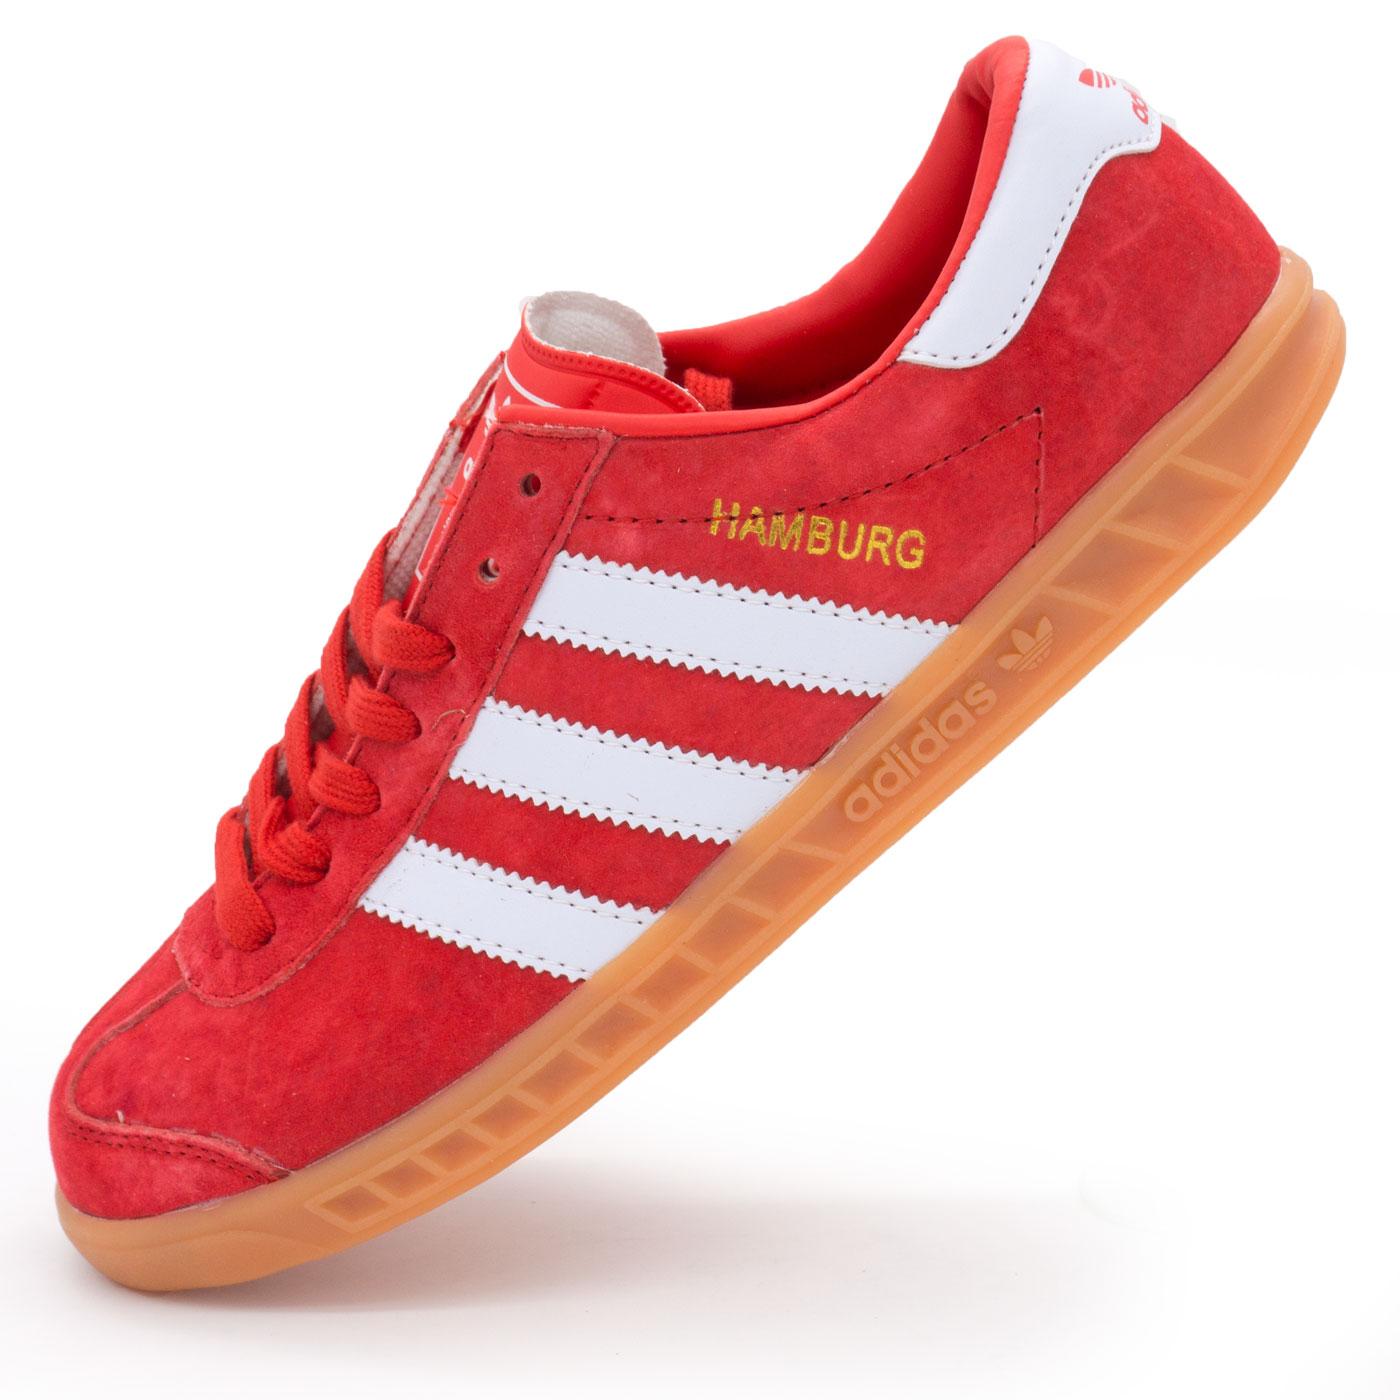 фото main Кроссовки Adidas Hamburg красные - Натуральная замша - Топ качество! main